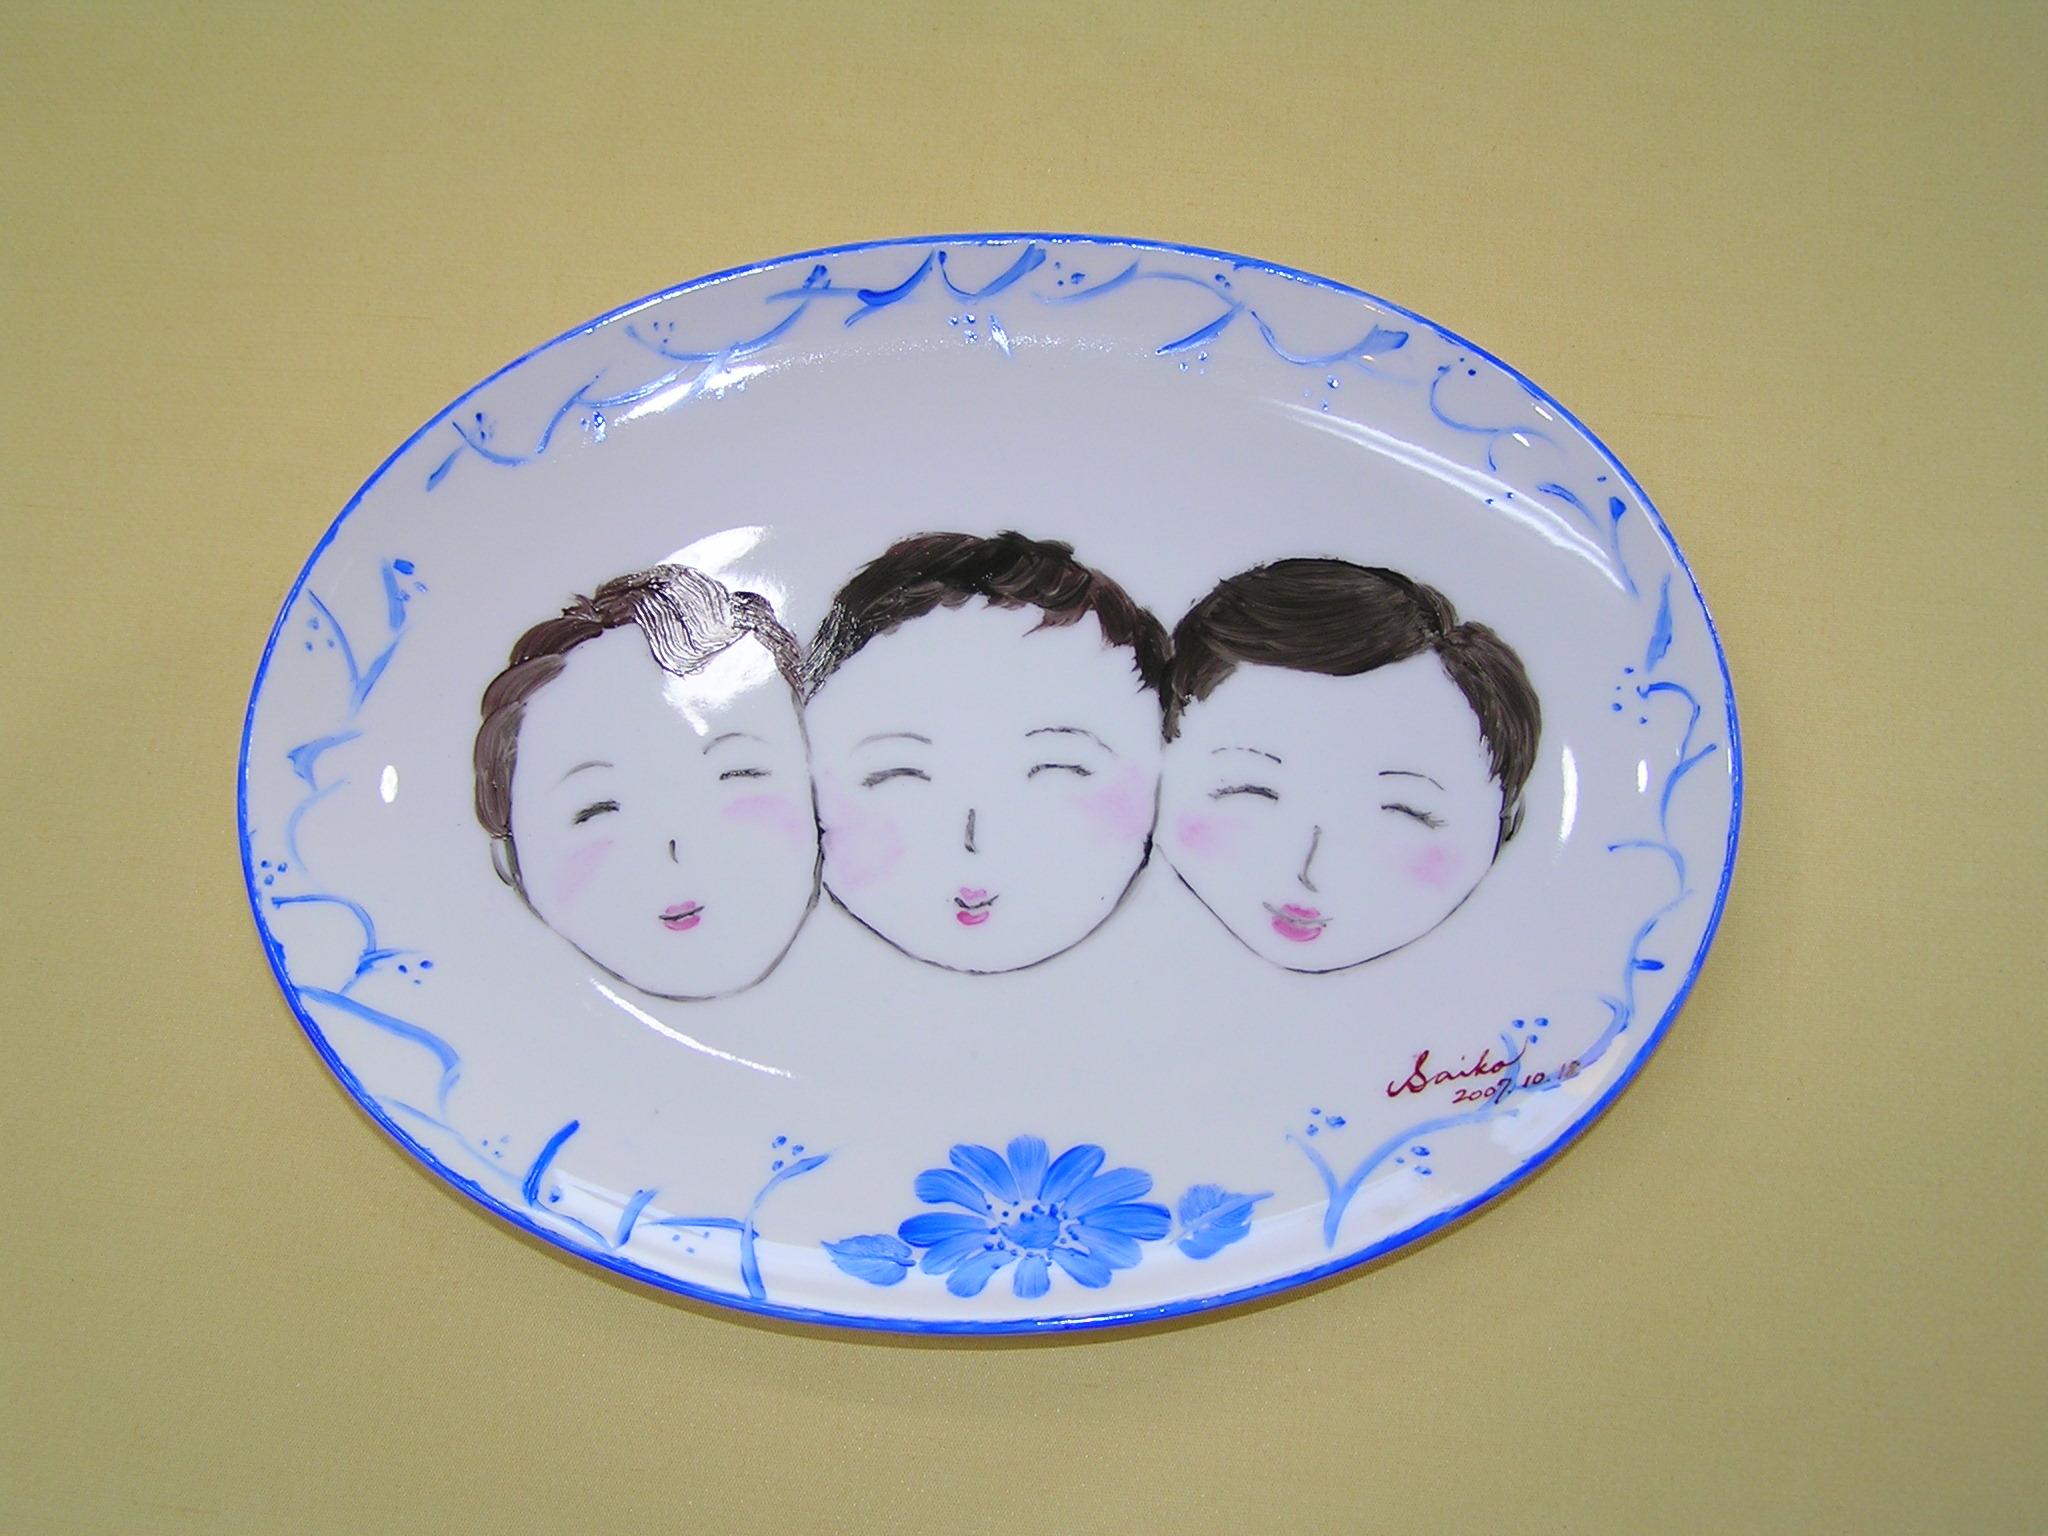 【絵付け体験】●ファミリー向け●お皿の絵付け体験 ご家族旅行の思い出に♪2時間